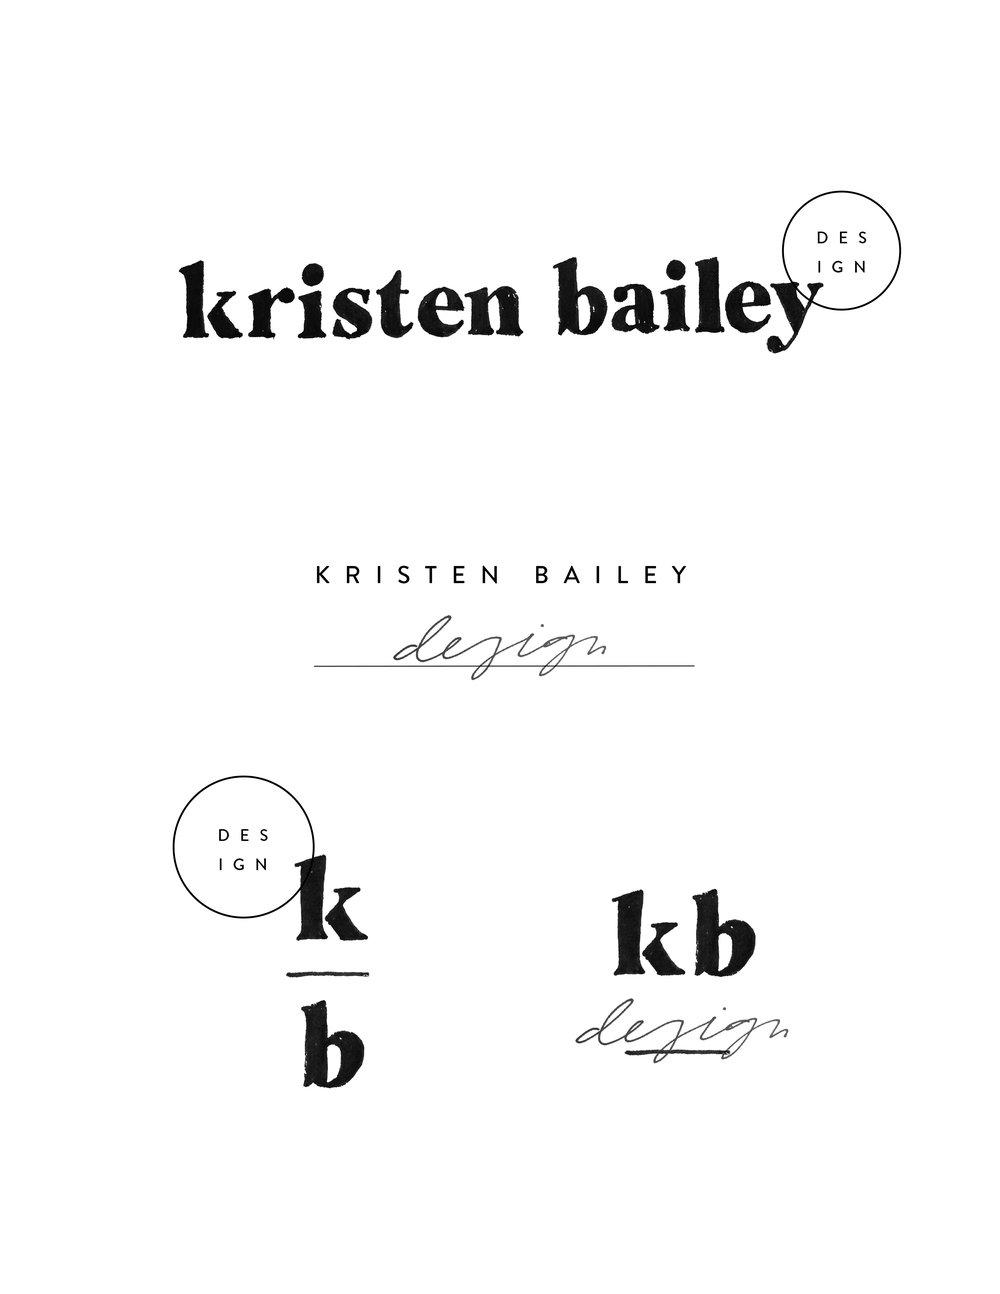 kbd logo draft 1.jpg